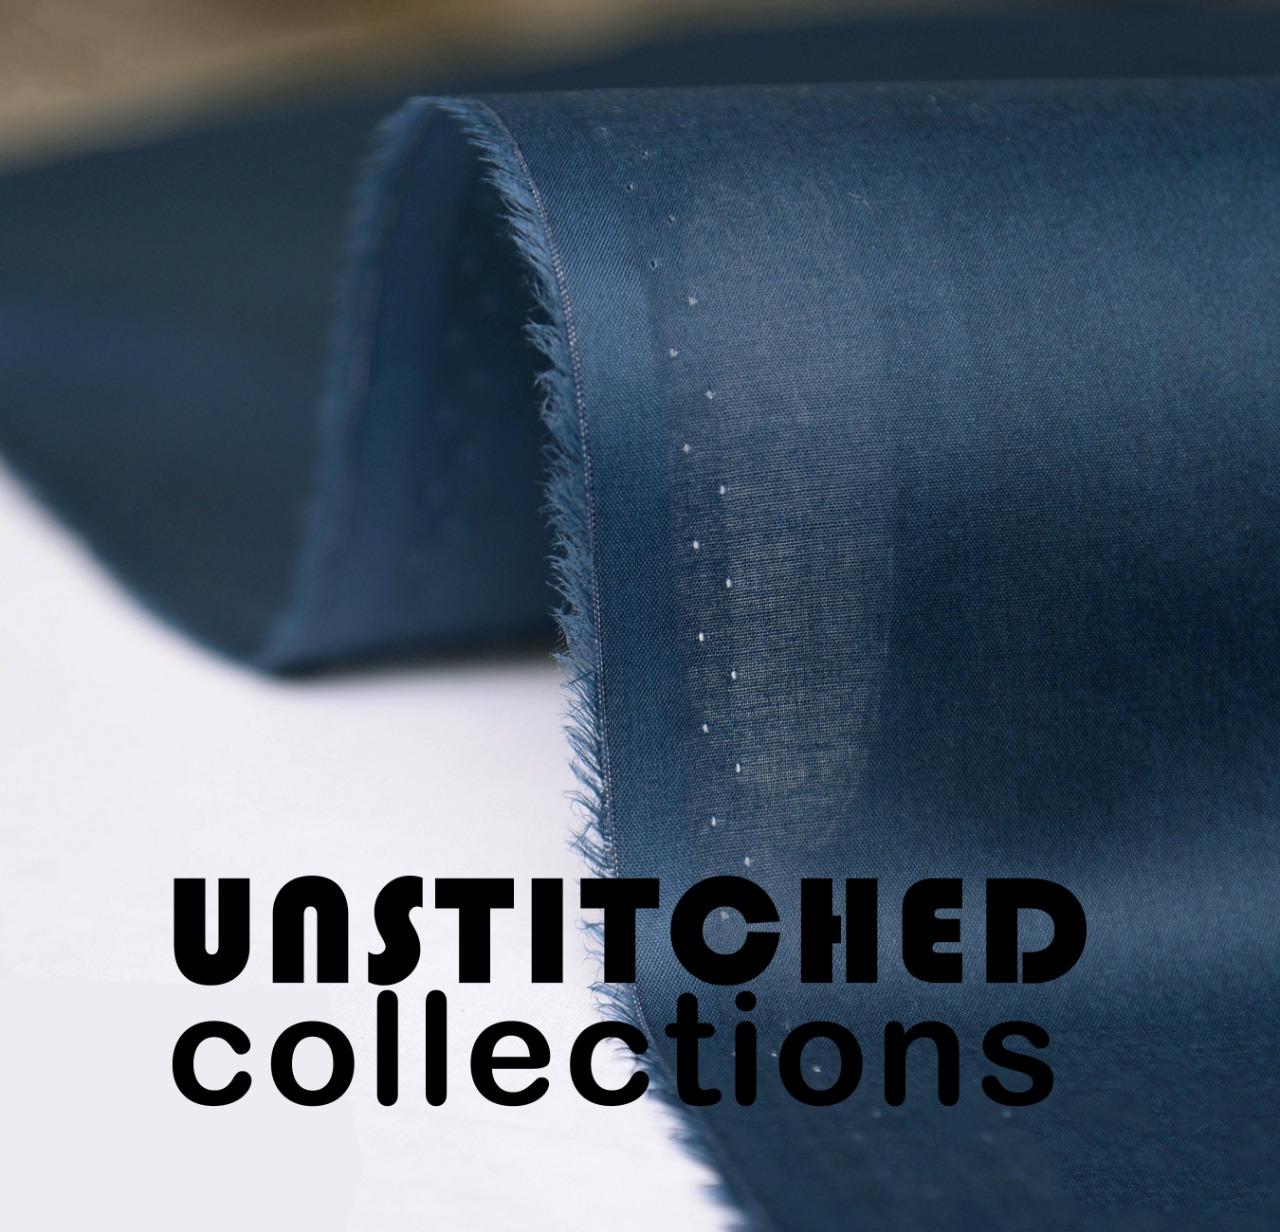 Un-stitched